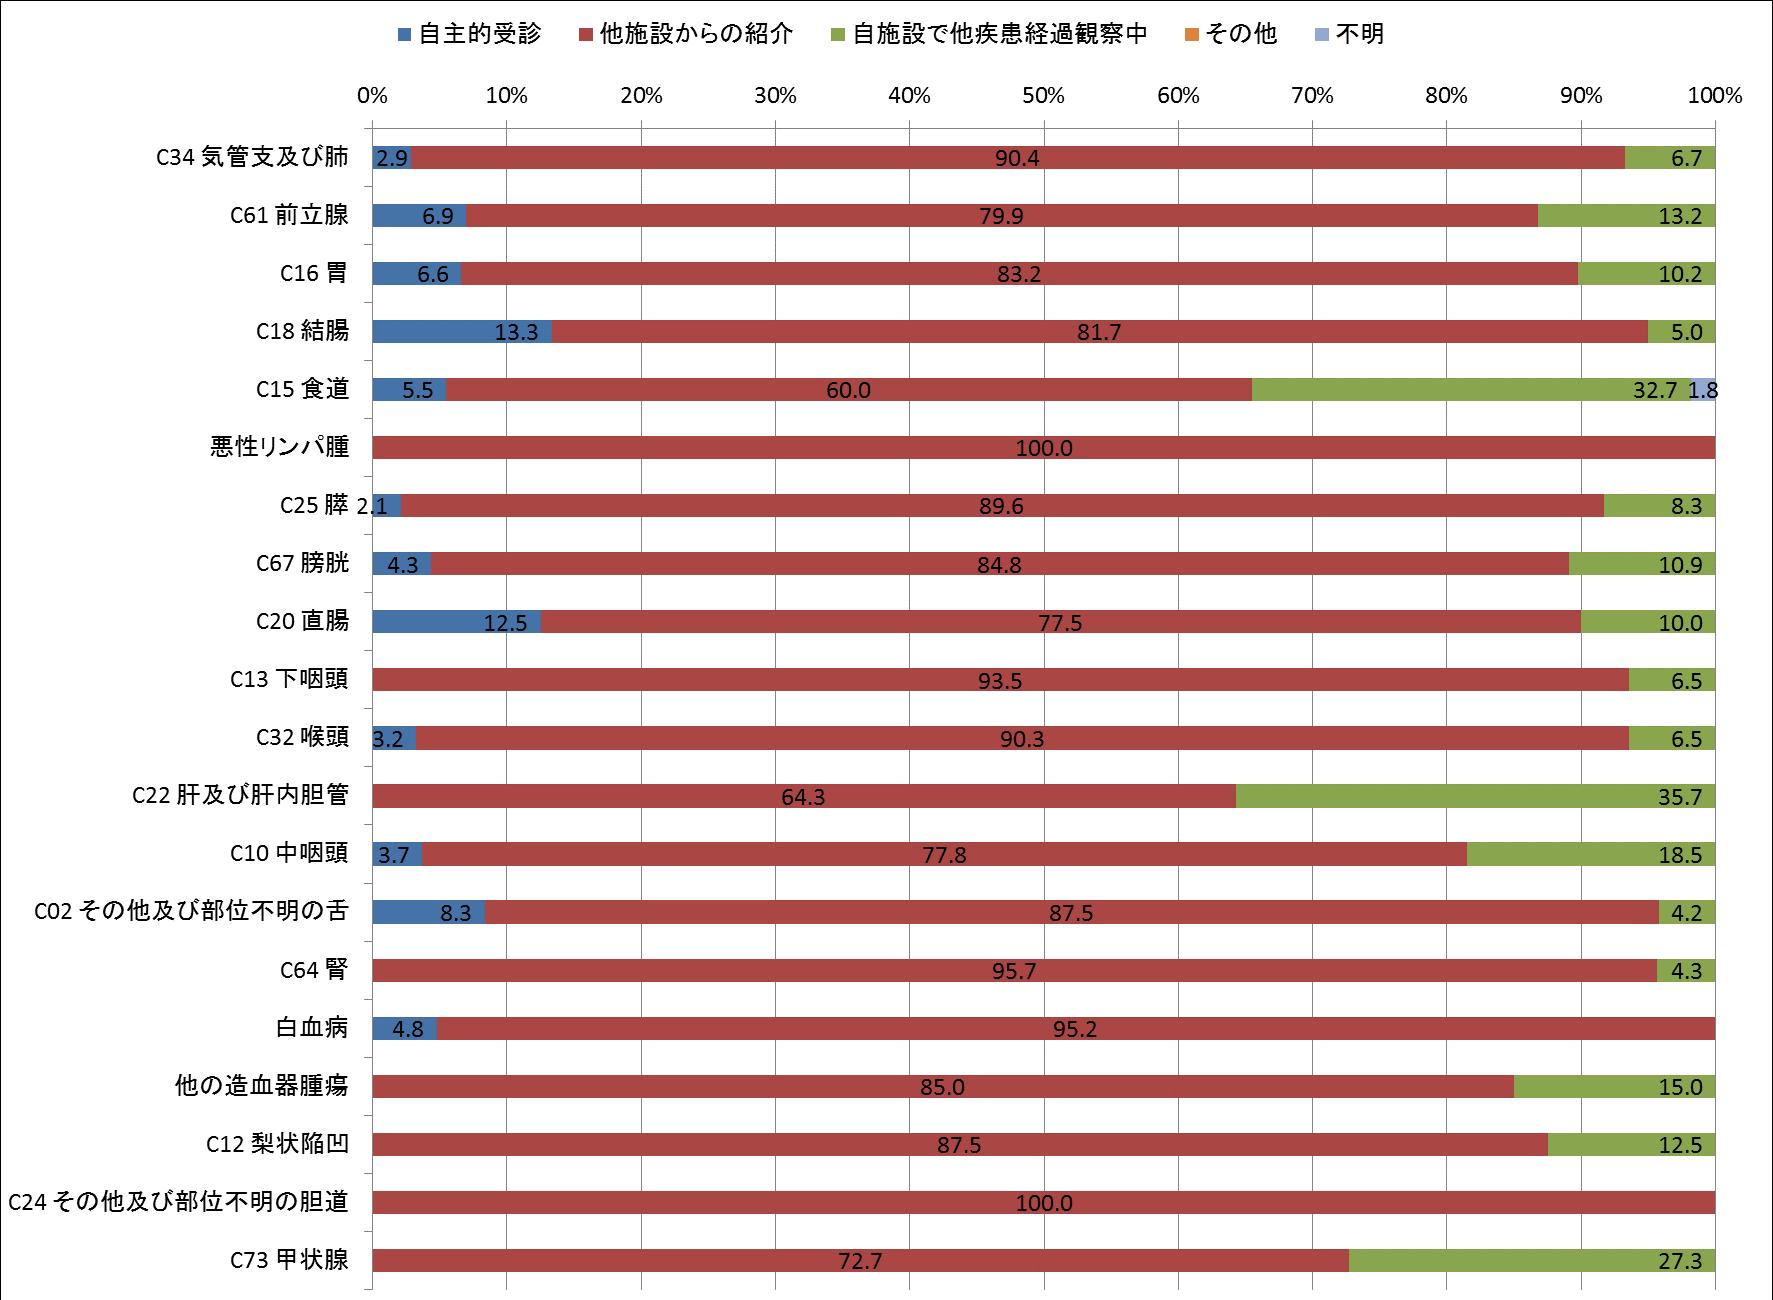 図4-2 来院経路別登録数(男、登録数2桁以上のみ)